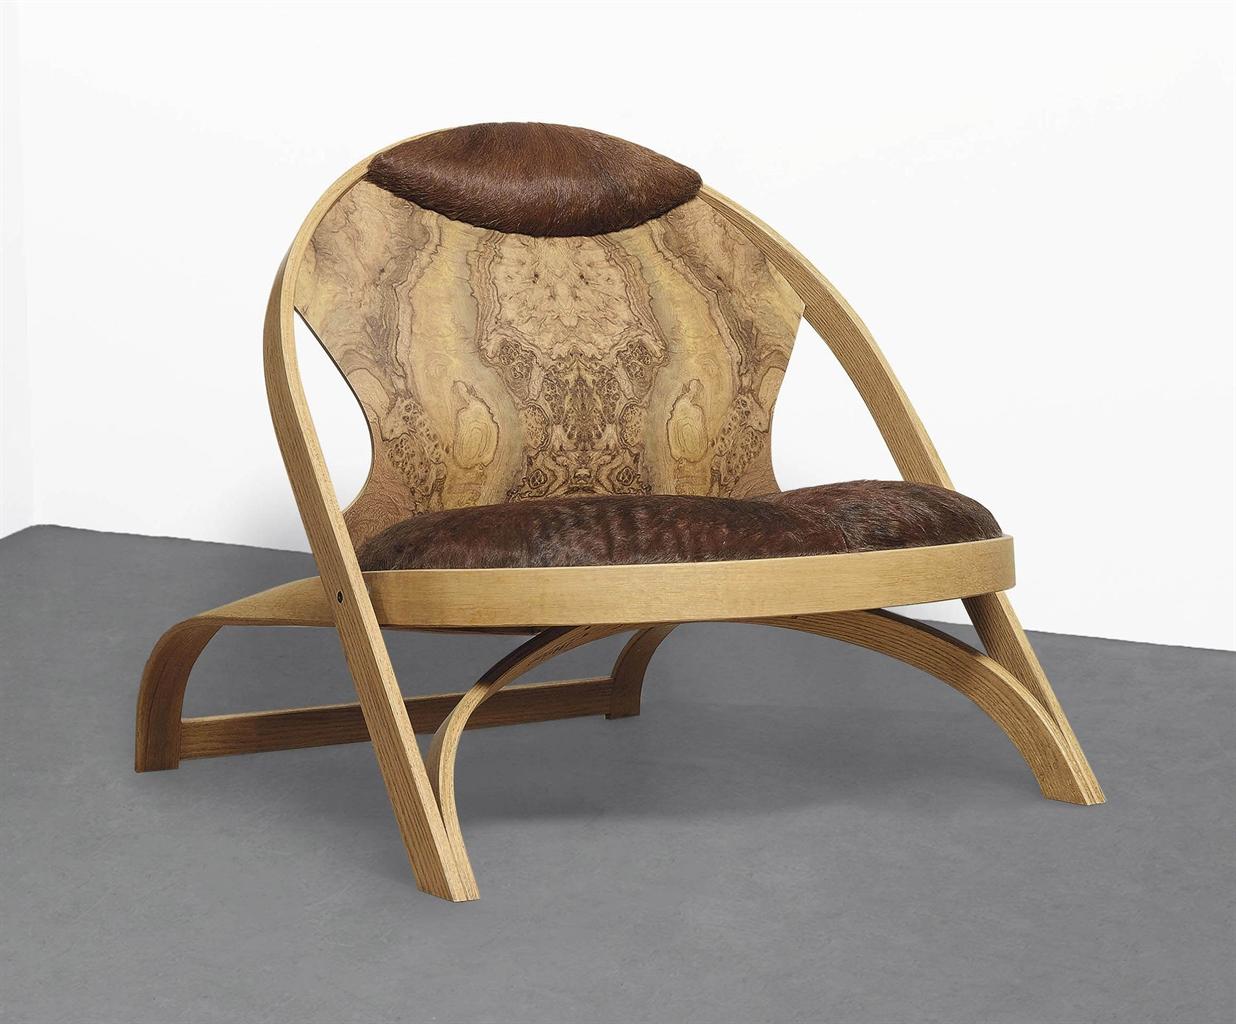 Richard Artschwager-Chair-2003